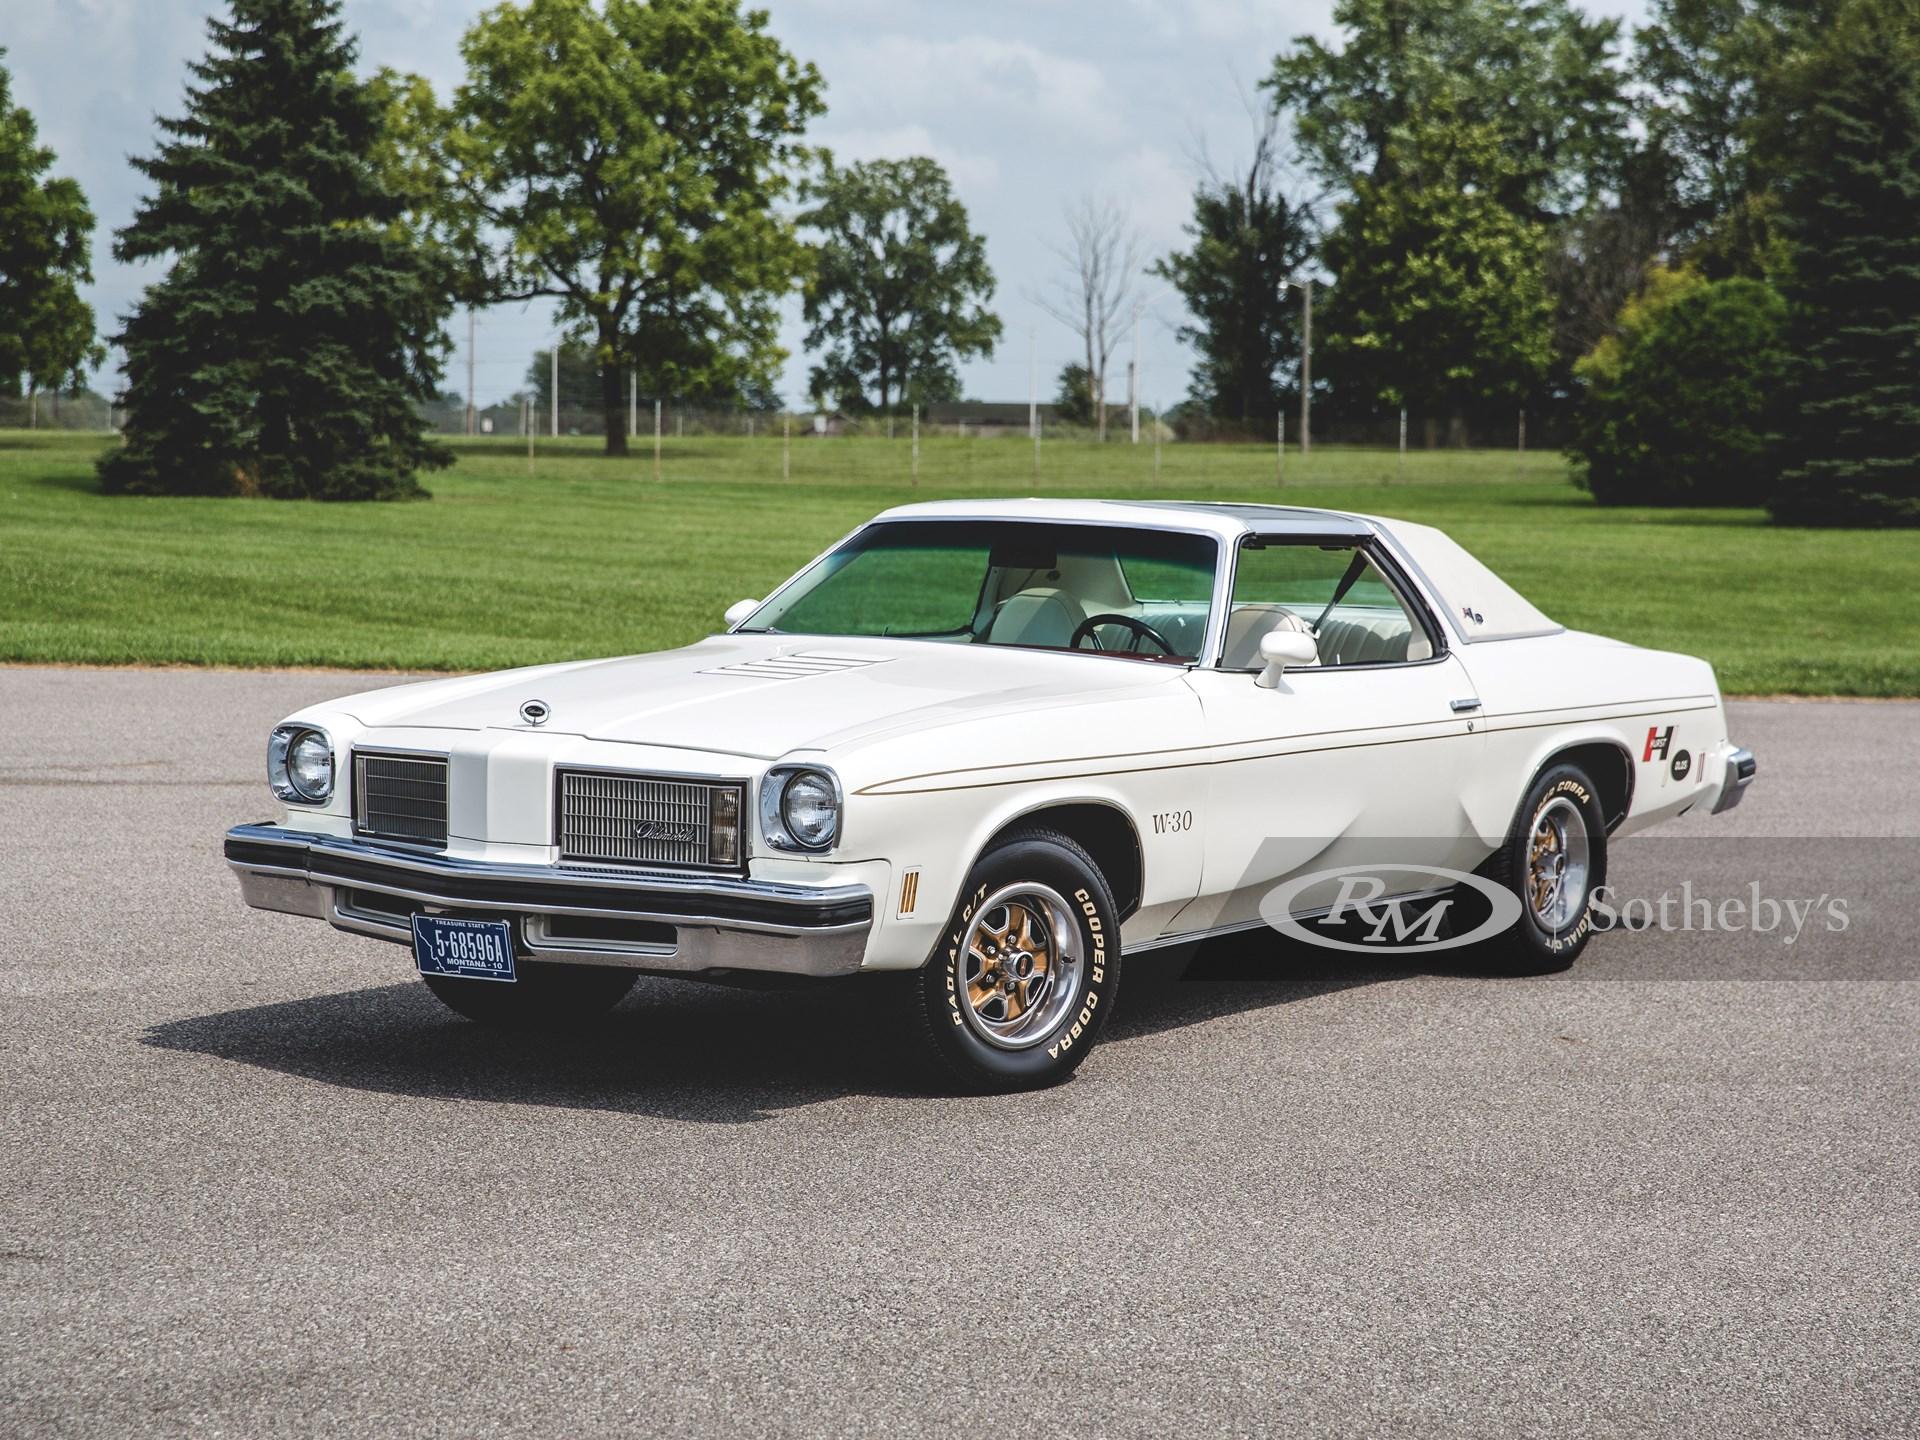 1975 Oldsmobile Cutlass Hurst W-30